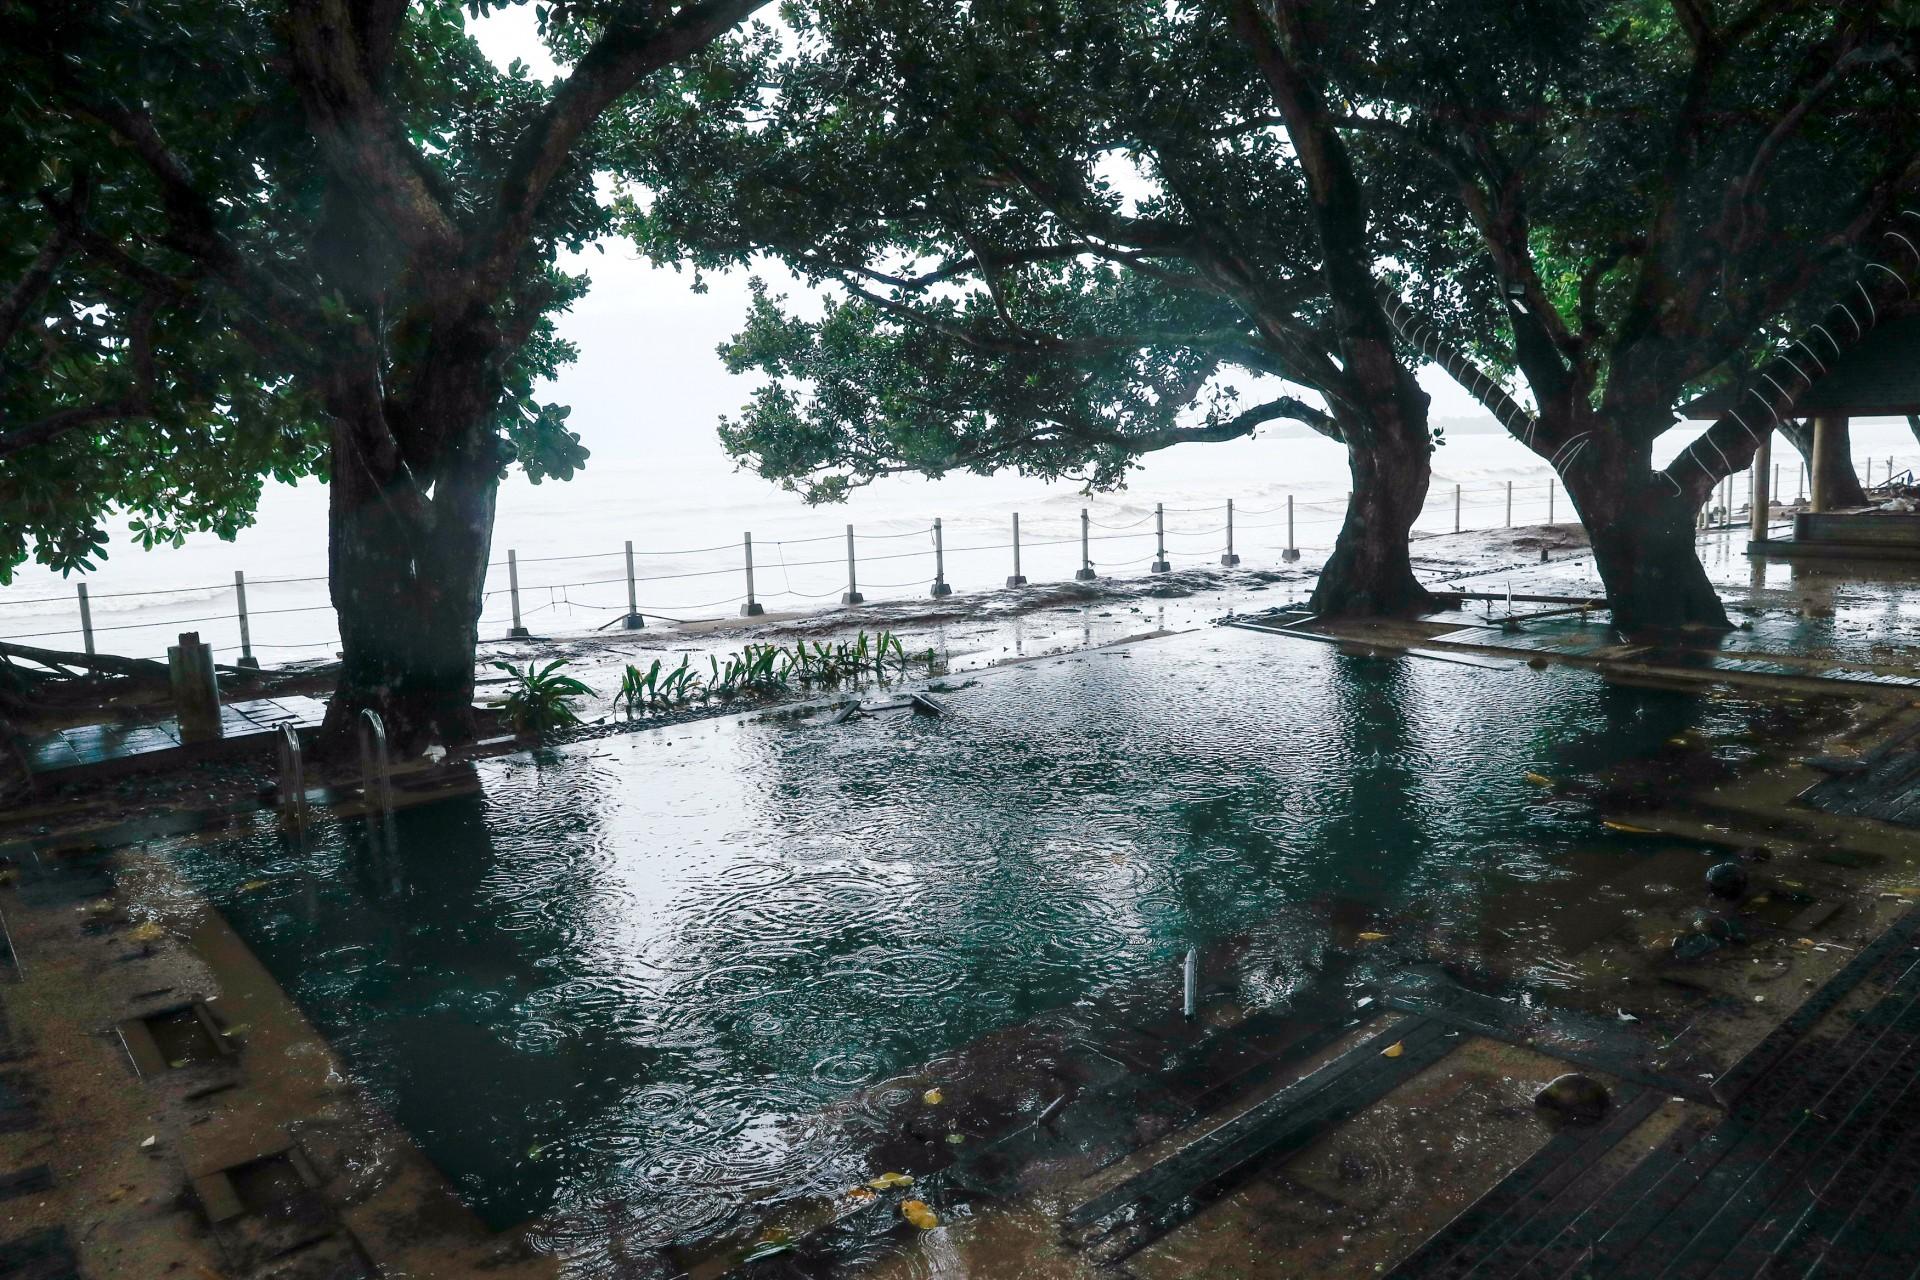 Una piscina golpeada por el tsunami se representa en un hotel cerca de la playa Carita en Pandeglang, provincia de Banten, Indonesia, 24 de diciembre de 2018.